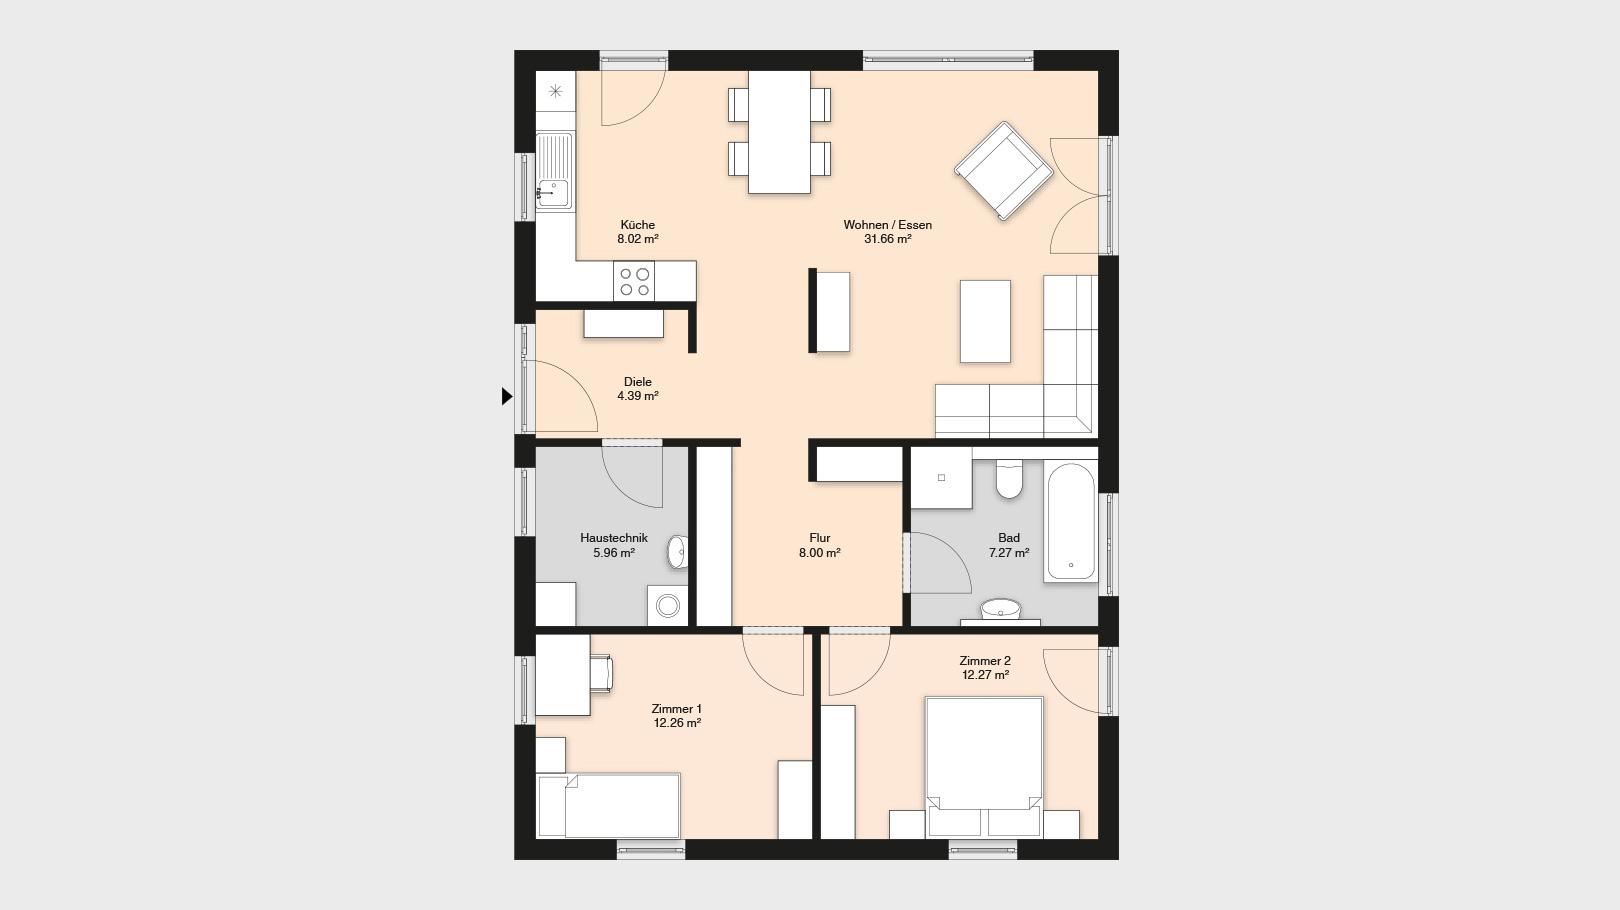 Haus-Idee Mühlhausen